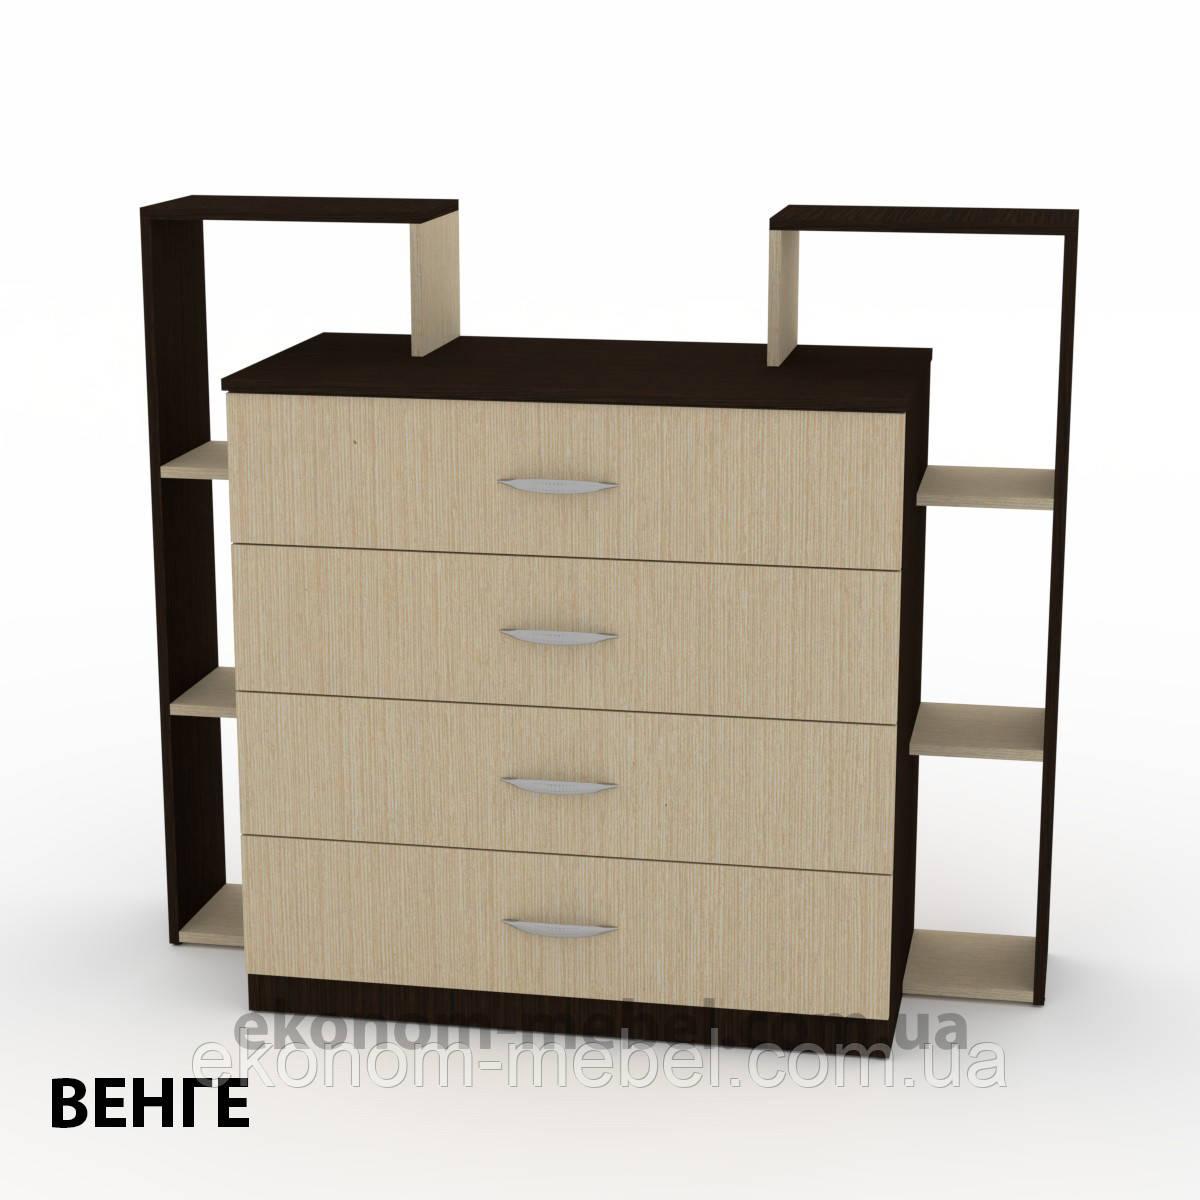 Комод 4-2 на 4 ящика с открытыми полками для спальни, ДСП